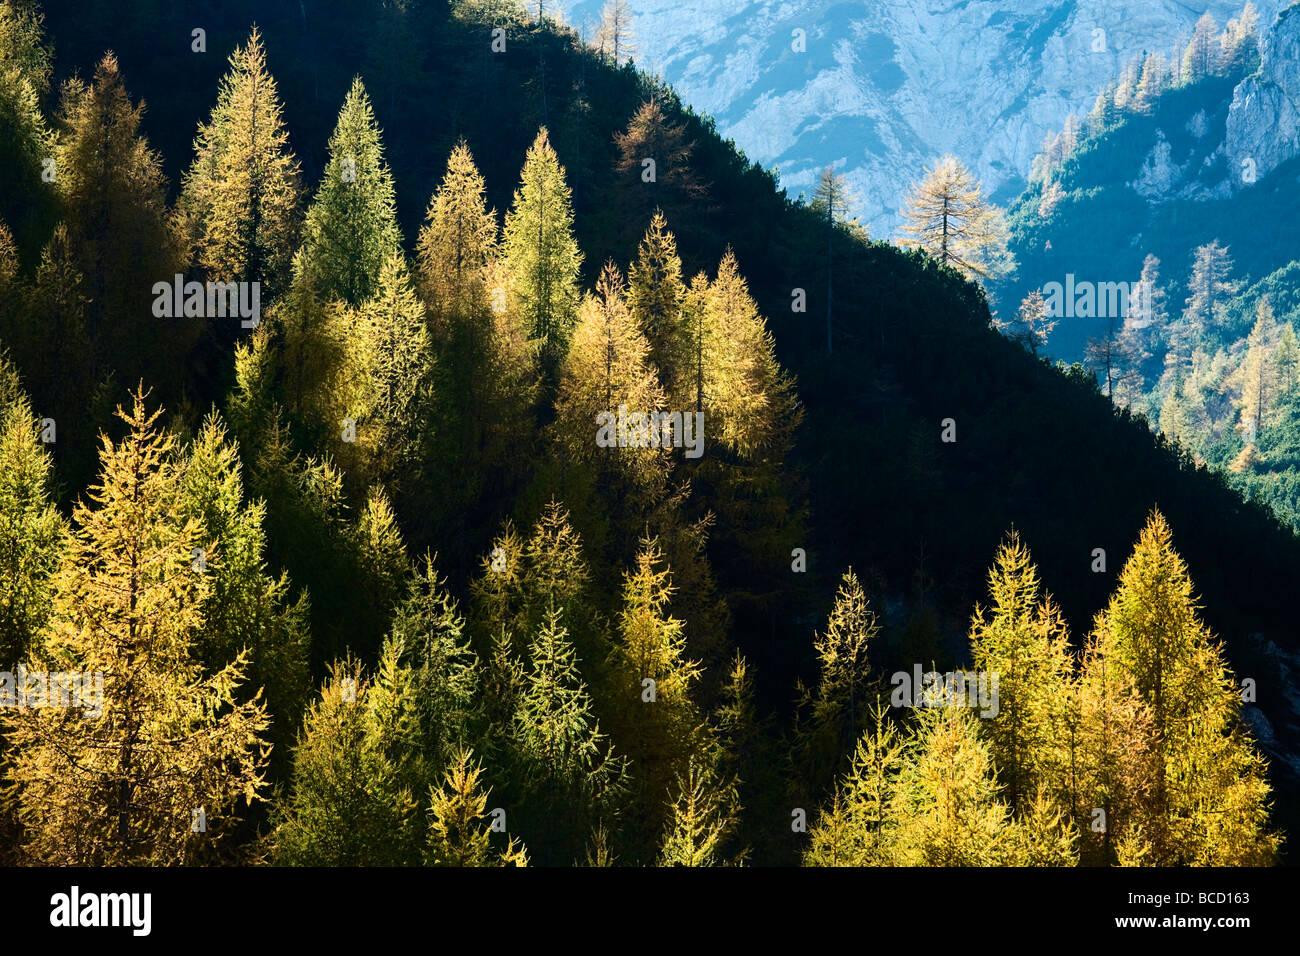 Mélèze arbres en automne. Visic Pass. Parc National de Triglav. Alpes juliennes. La Slovénie Photo Stock